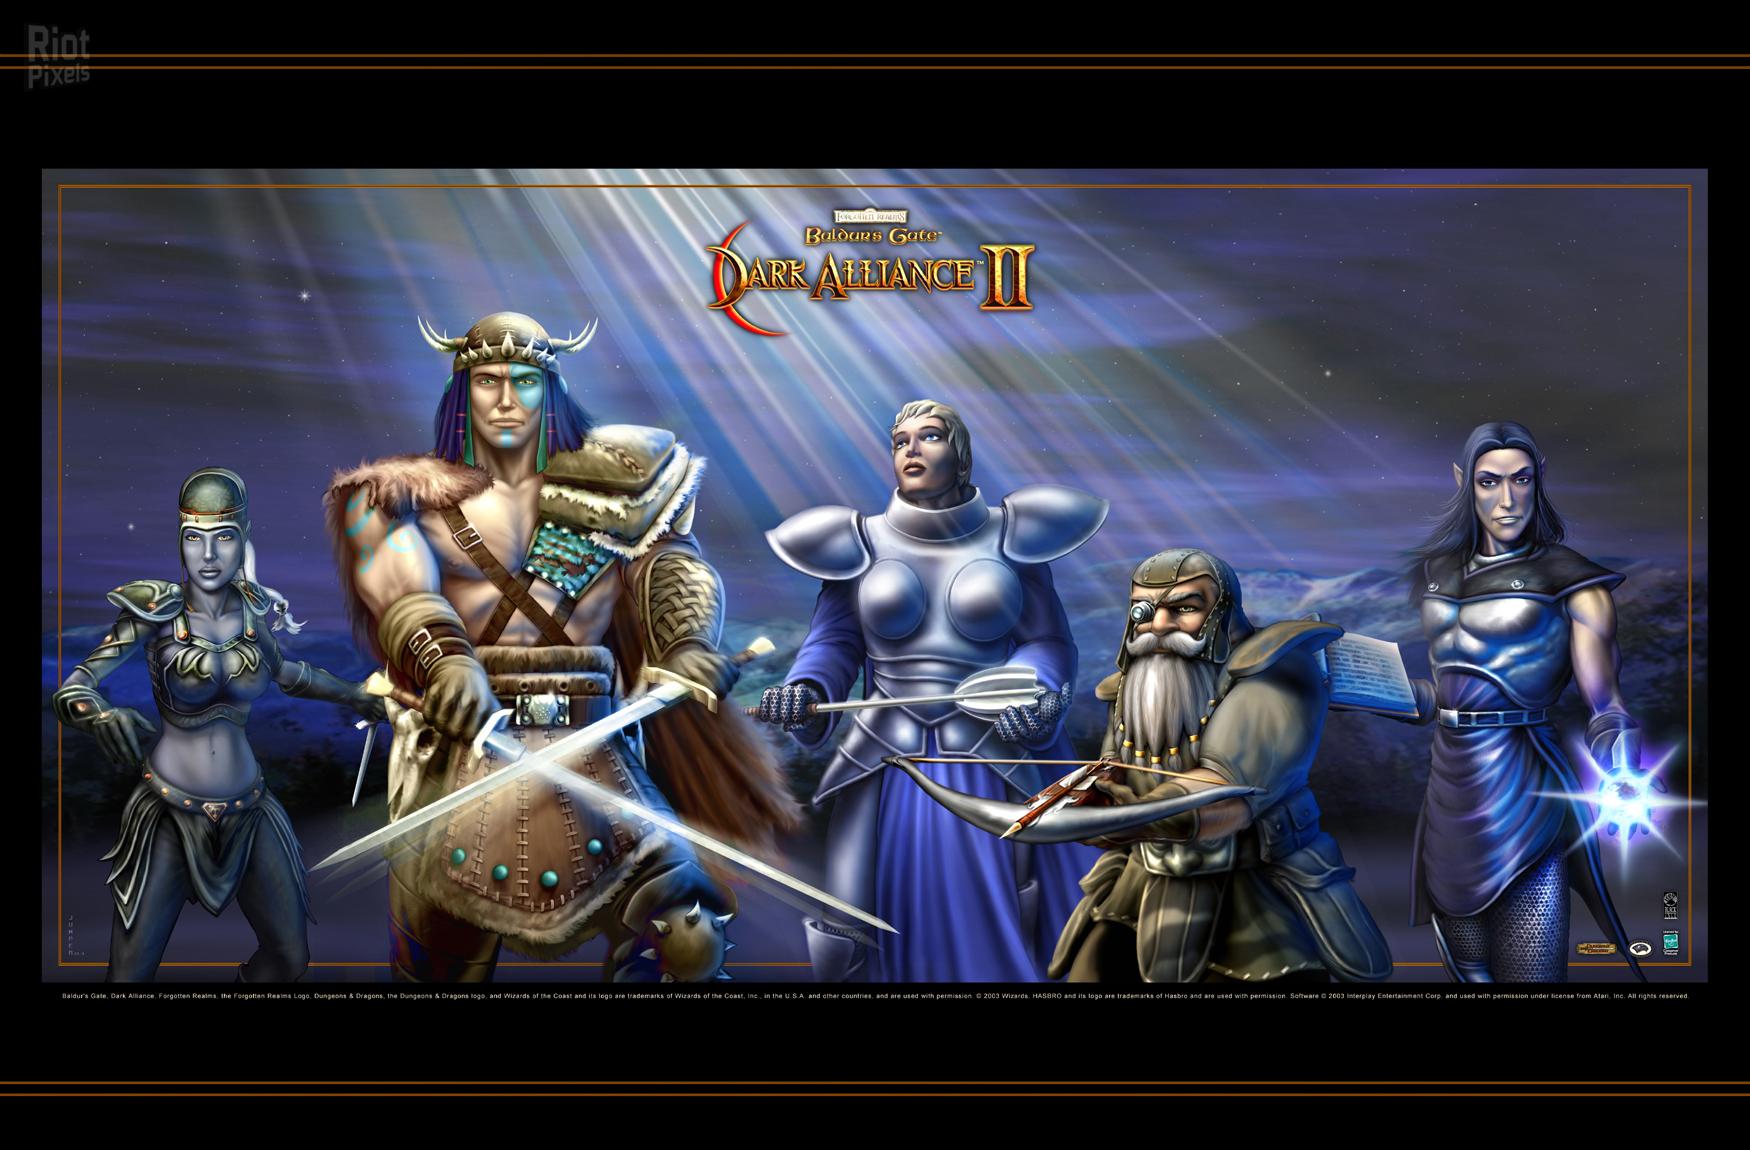 Baldurs Gate Dark Alliance 2 Game Wallpaper At Riot